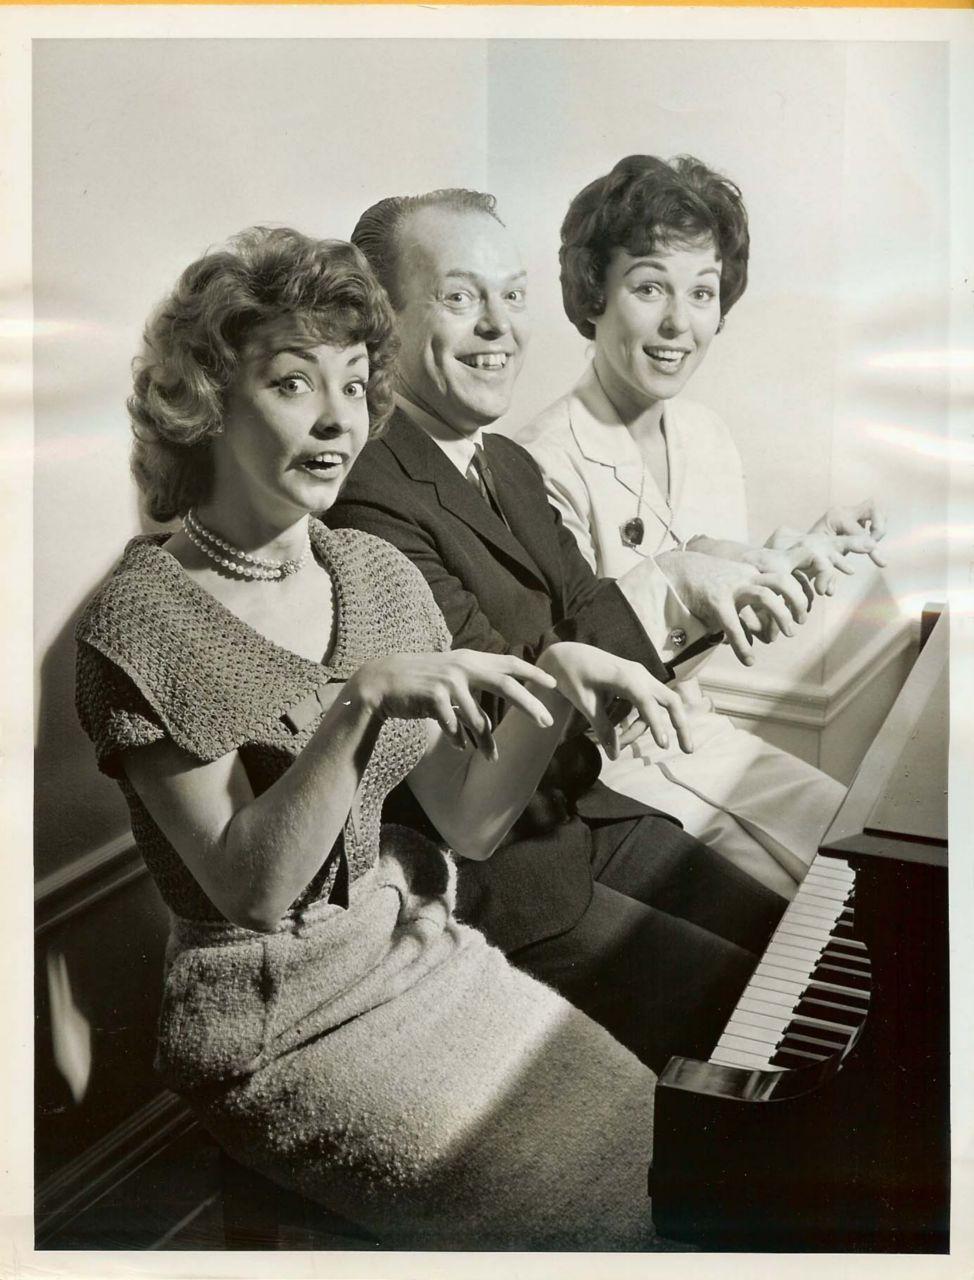 Vintage Bess MYERSON Ed SULLIVAN SHOW PHOTO D824